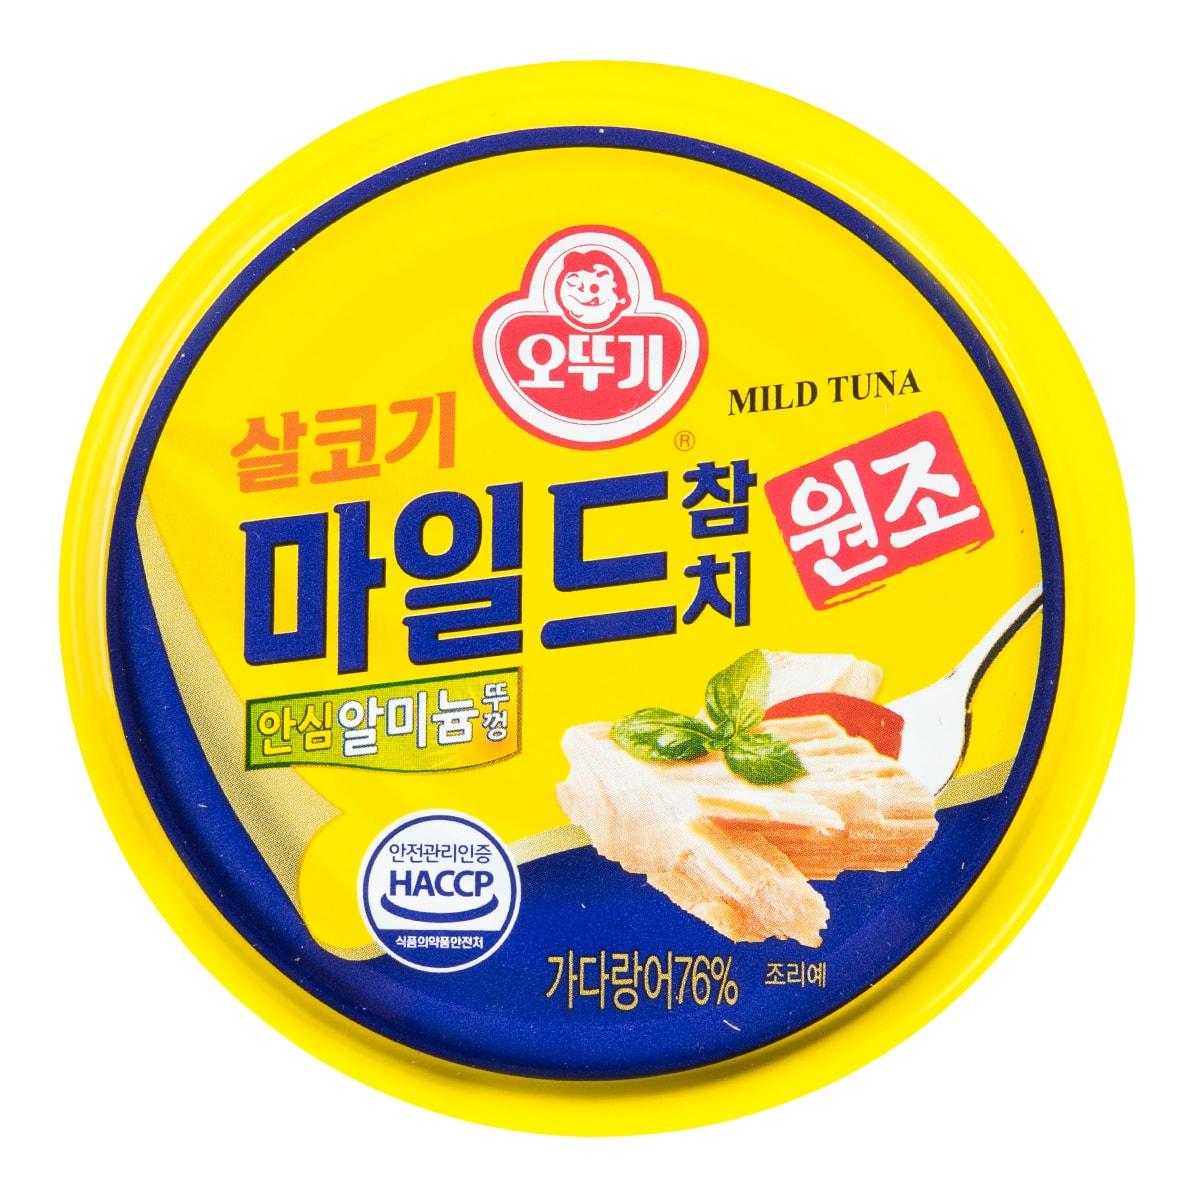 韩国OTTOGI不倒翁 金枪鱼罐头 微辣 150g